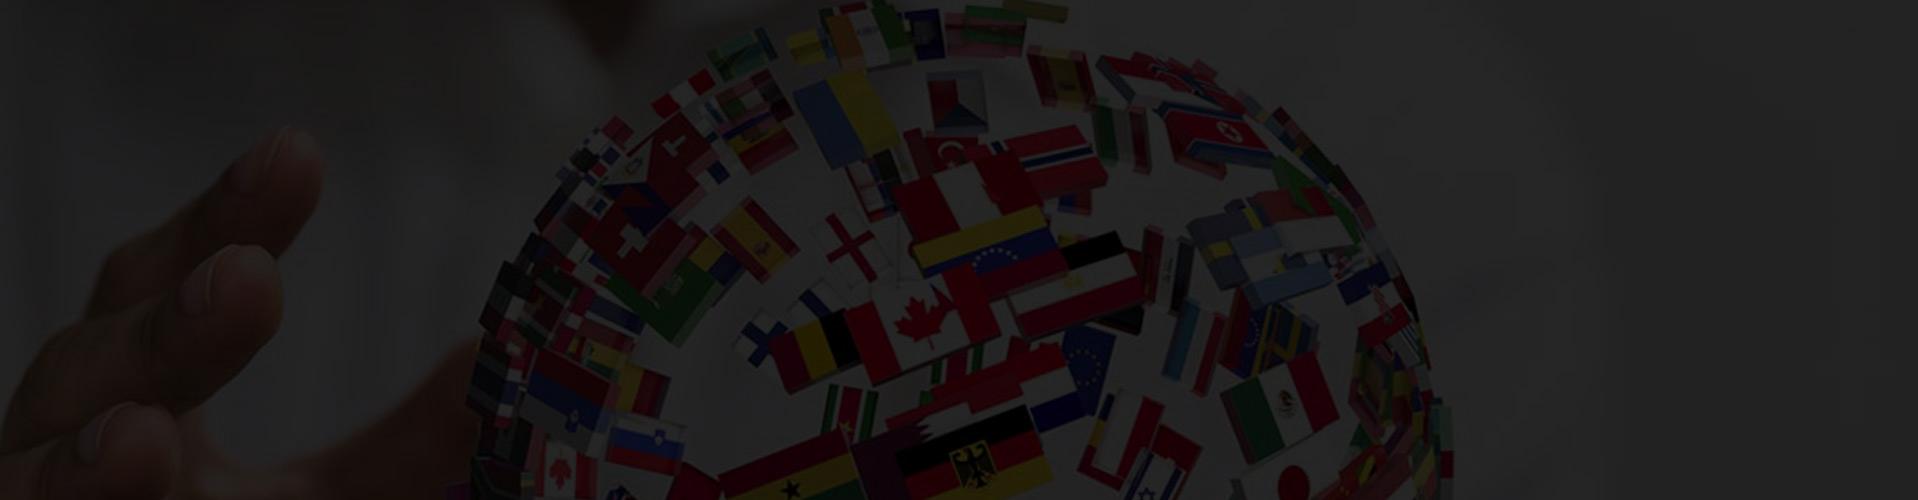 Browser Language Targeting